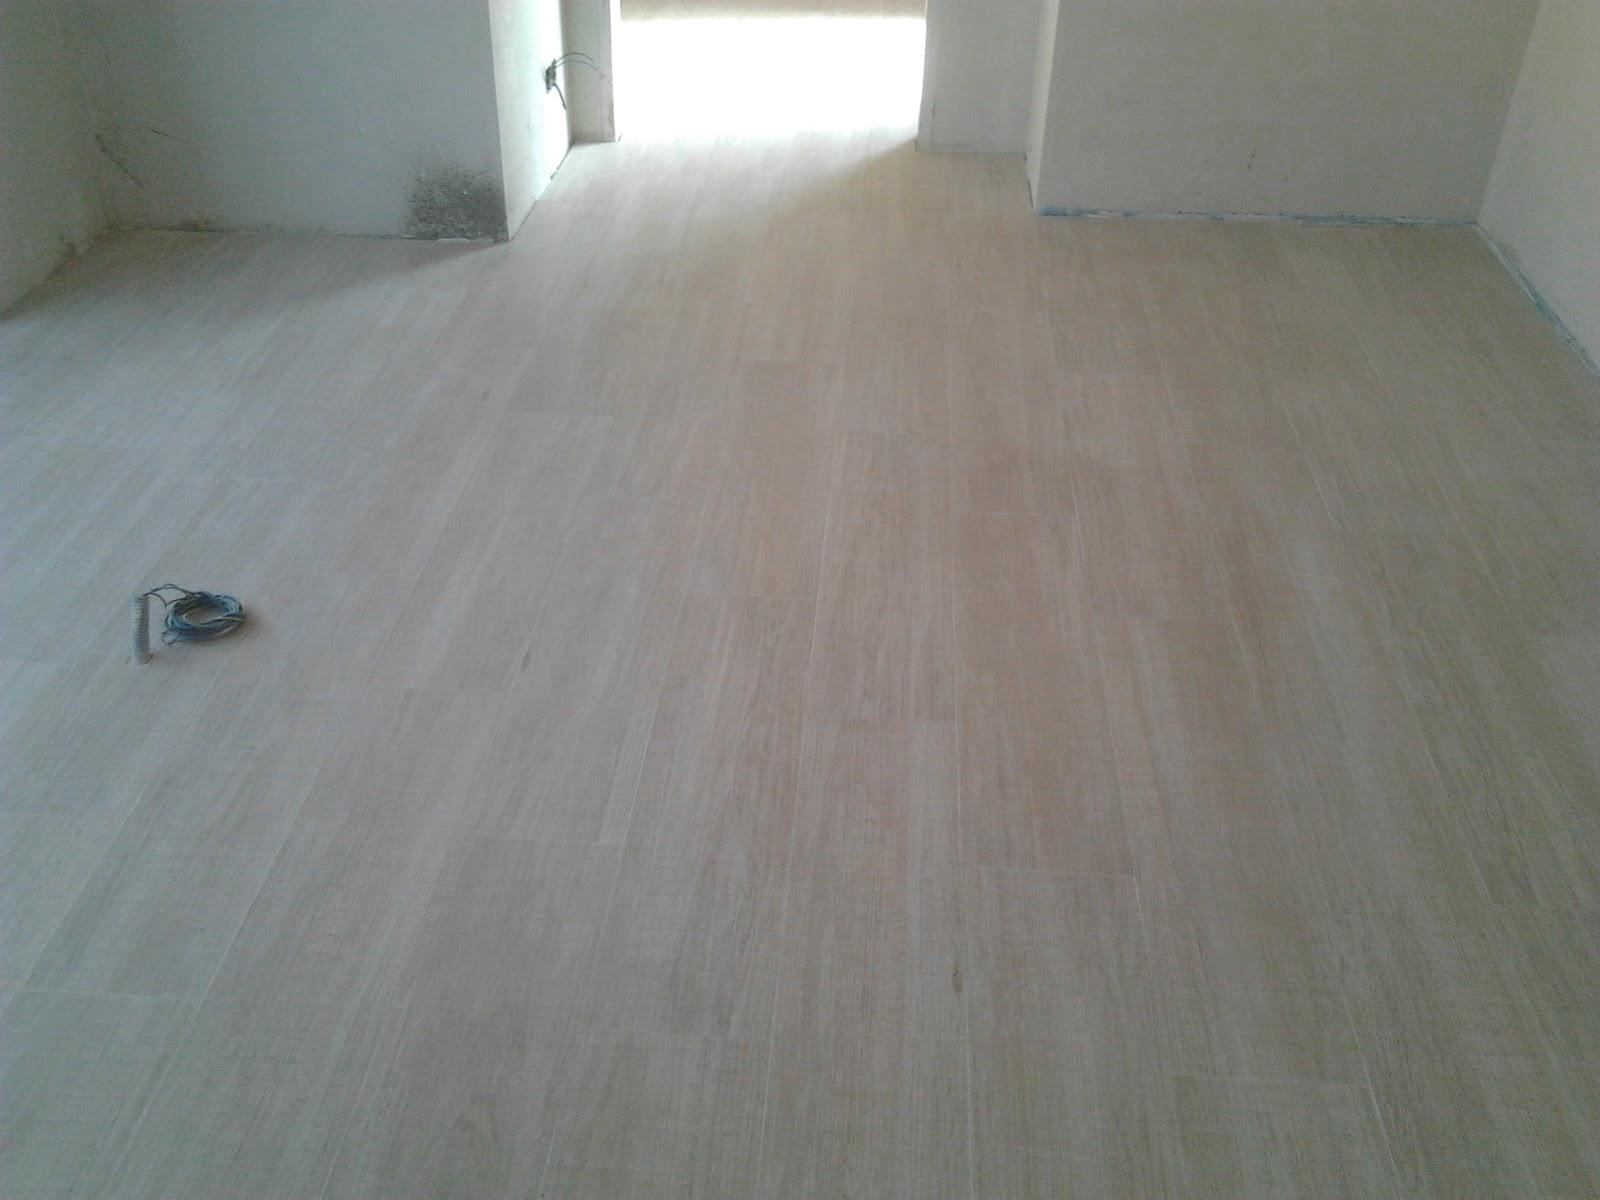 Suelo gres barato perfect foshan piso barato completo for Restos de azulejos baratos